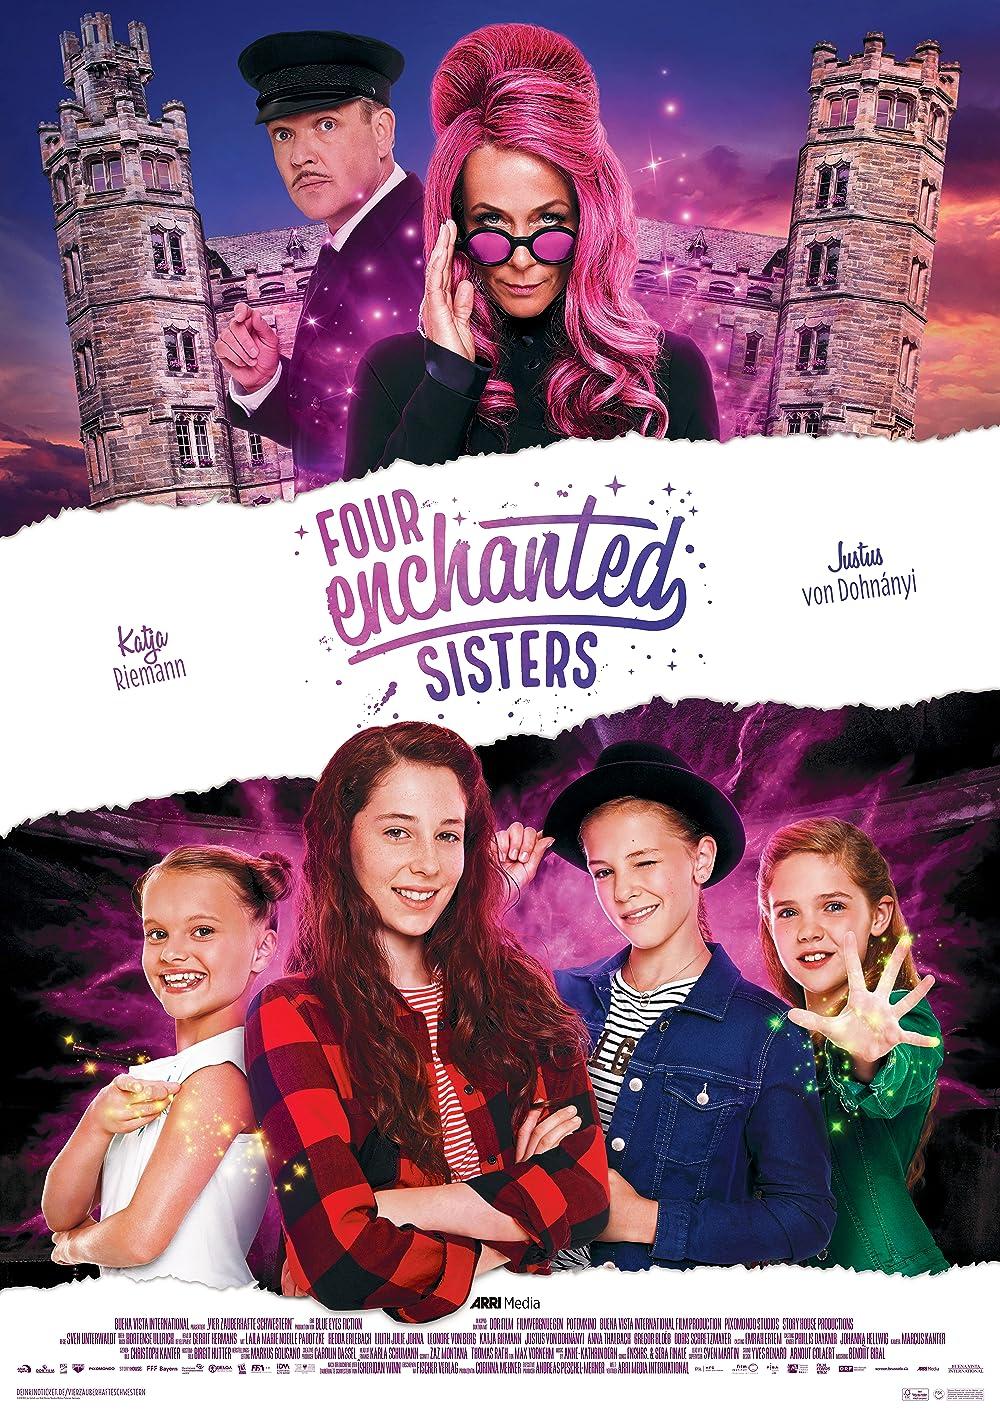 Filmbeschreibung zu Vier zauberhafte Schwestern